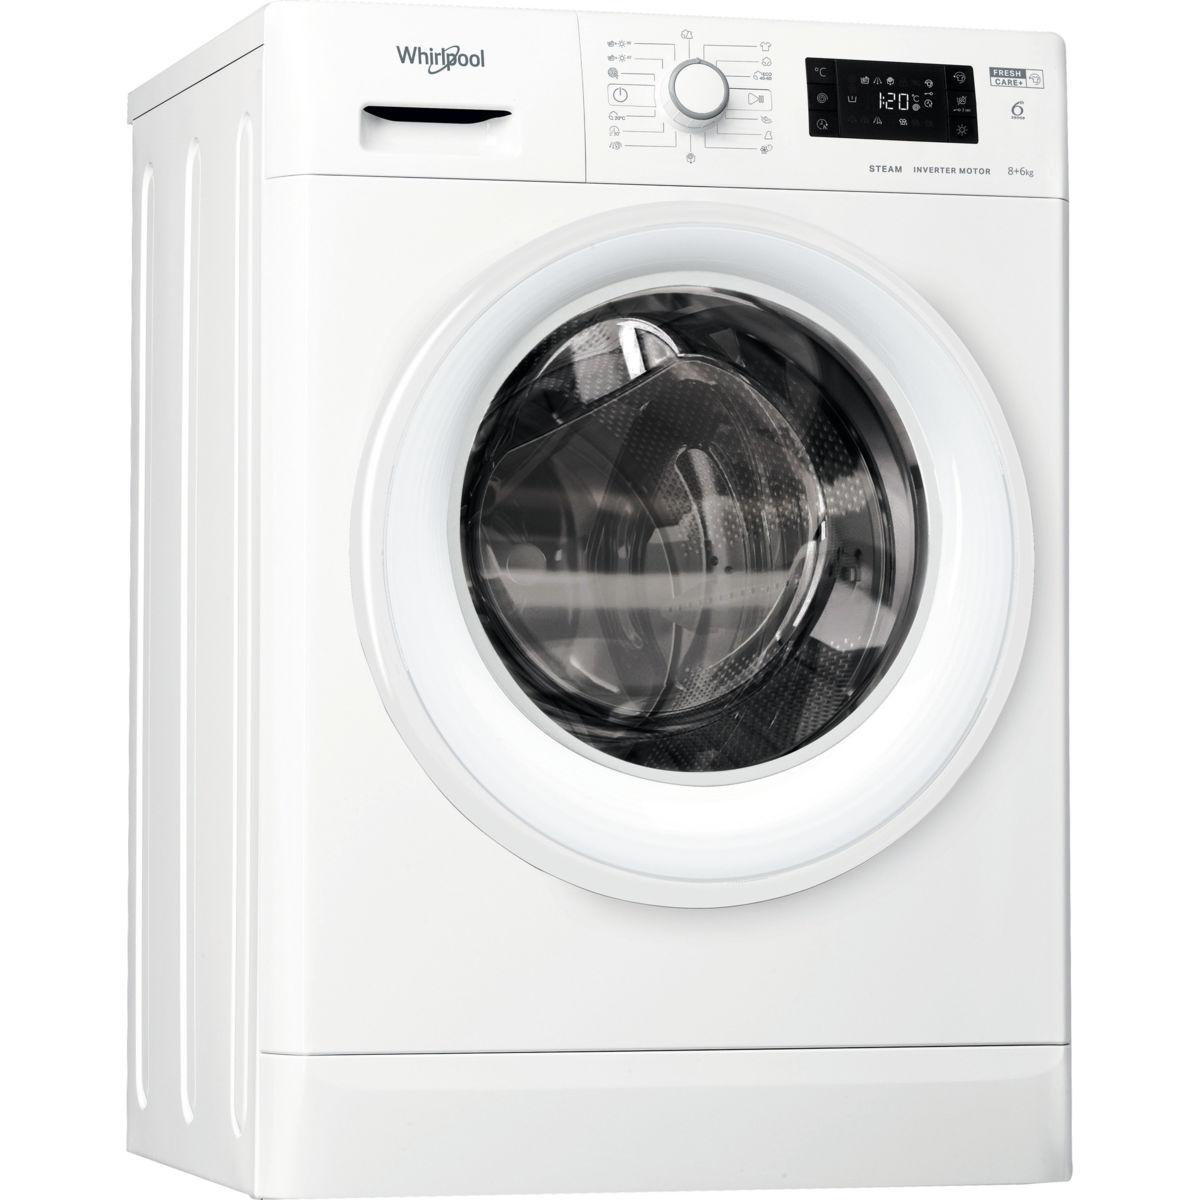 Whirlpool FWDG 861483E